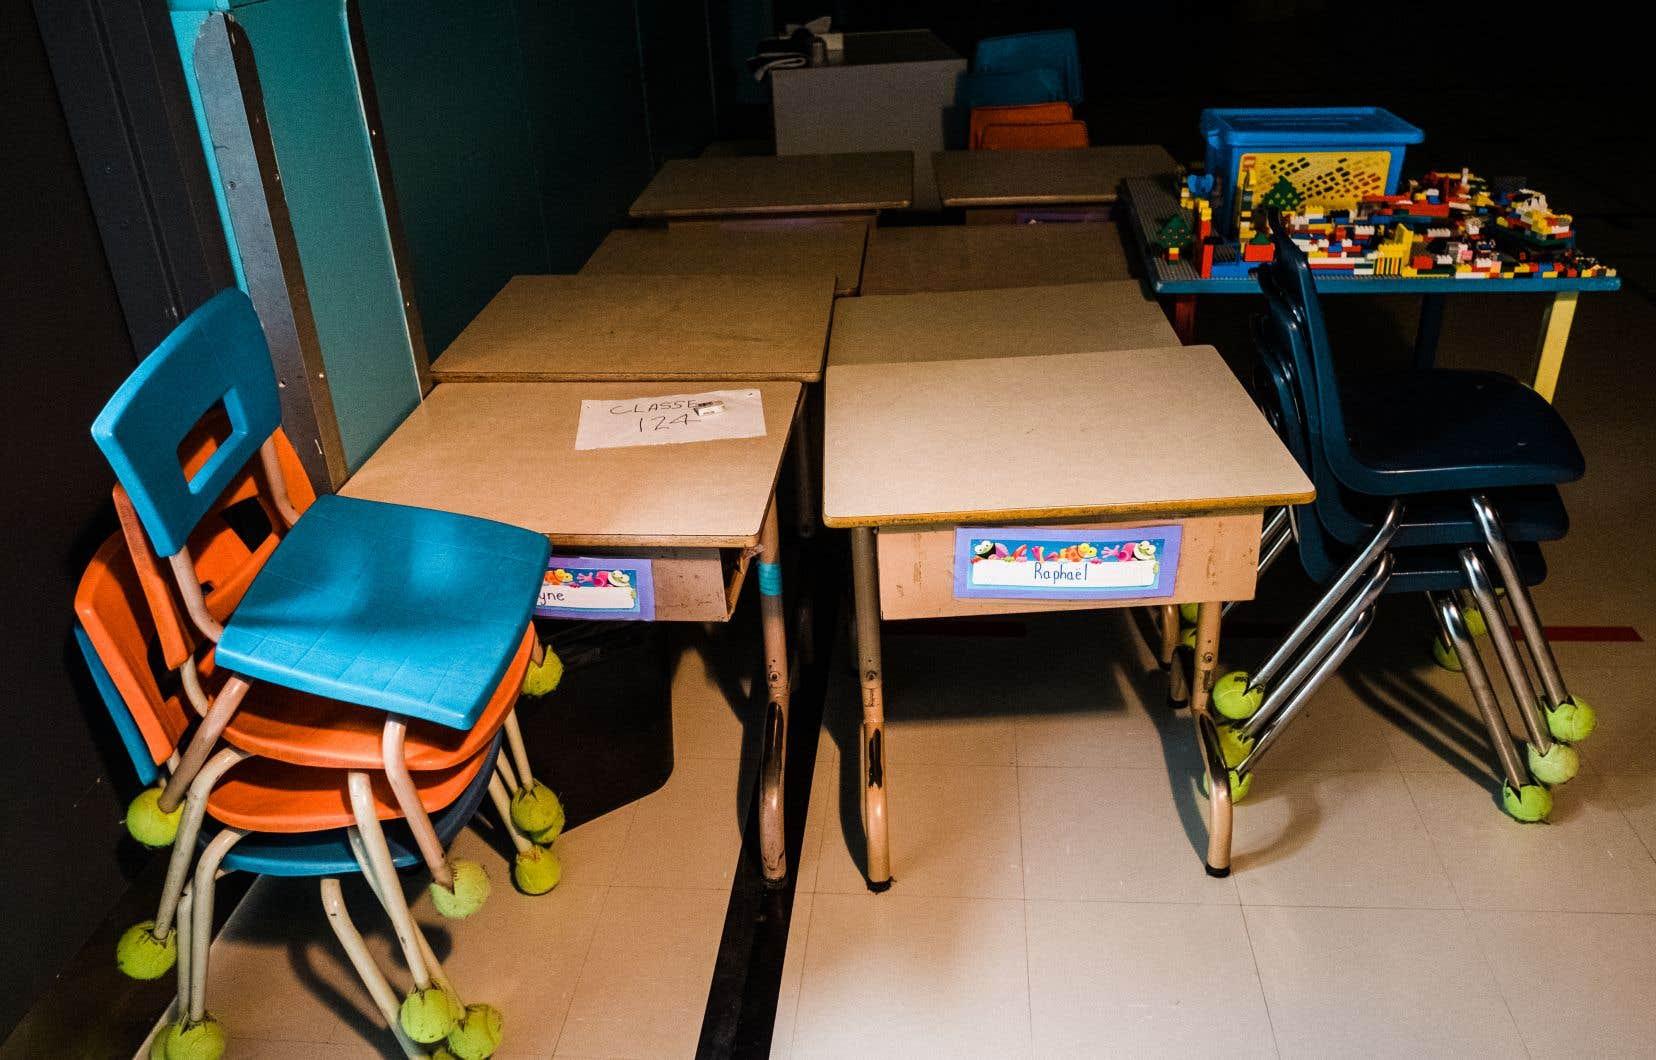 Les élèves des écoles primaires et secondaires devront revenir à l'apprentissage en ligne.